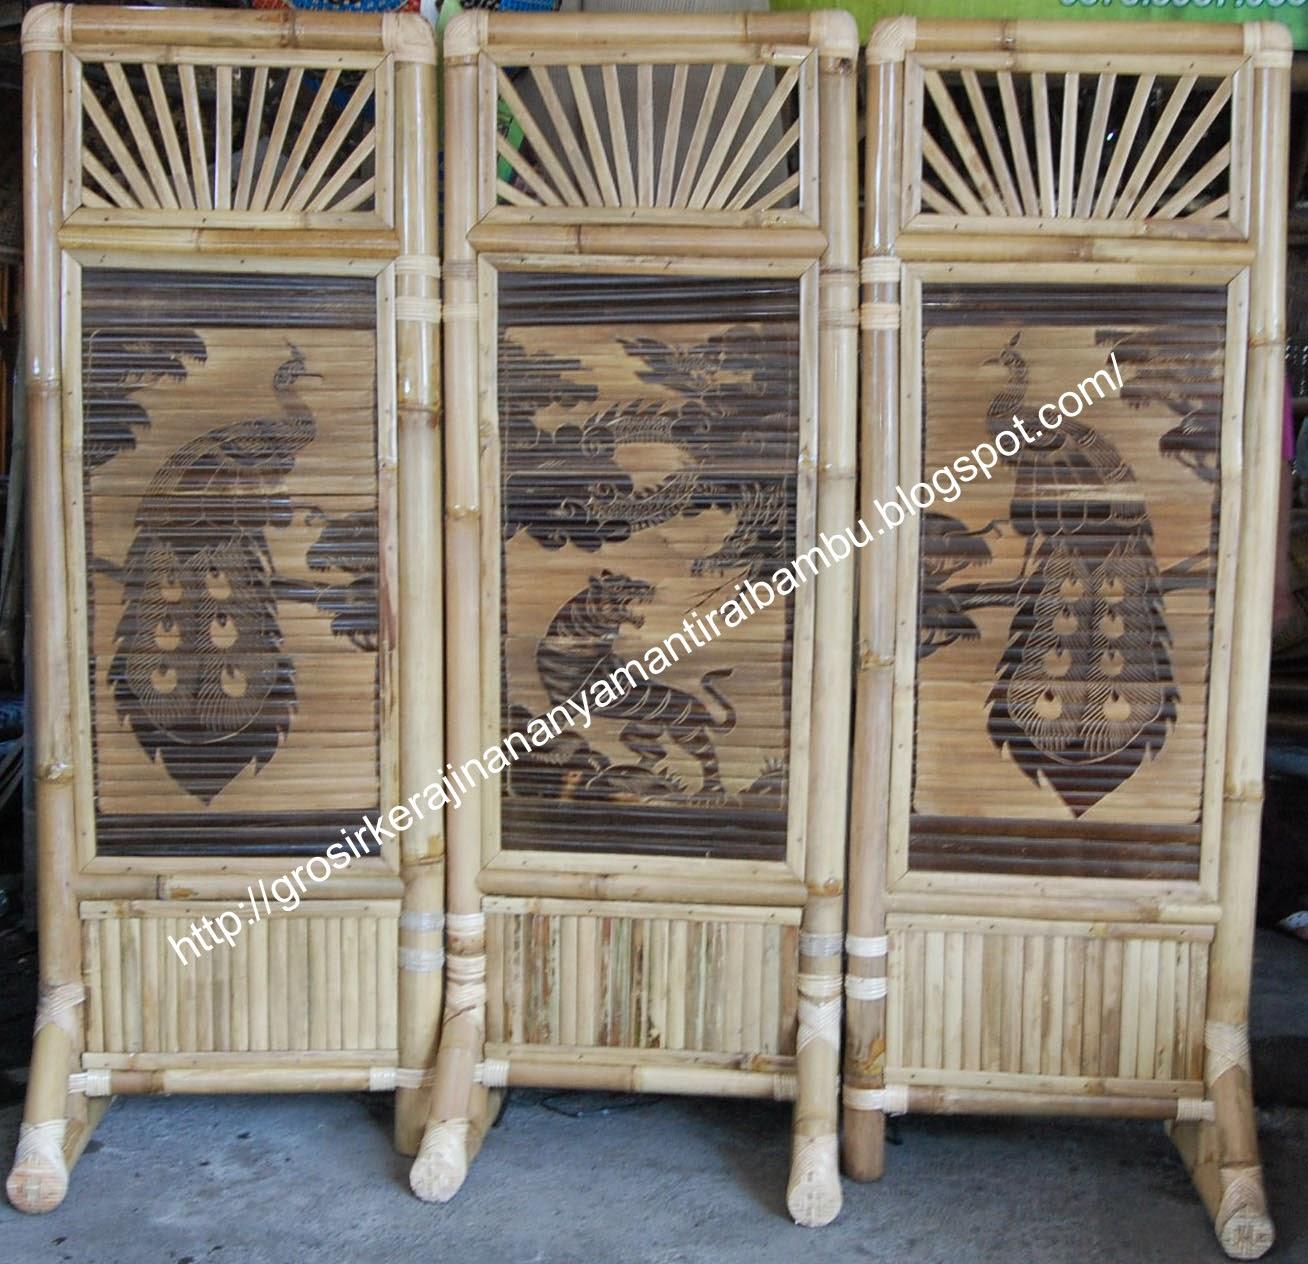 Jual Kerajinan Bambu,kerajinan Bambu